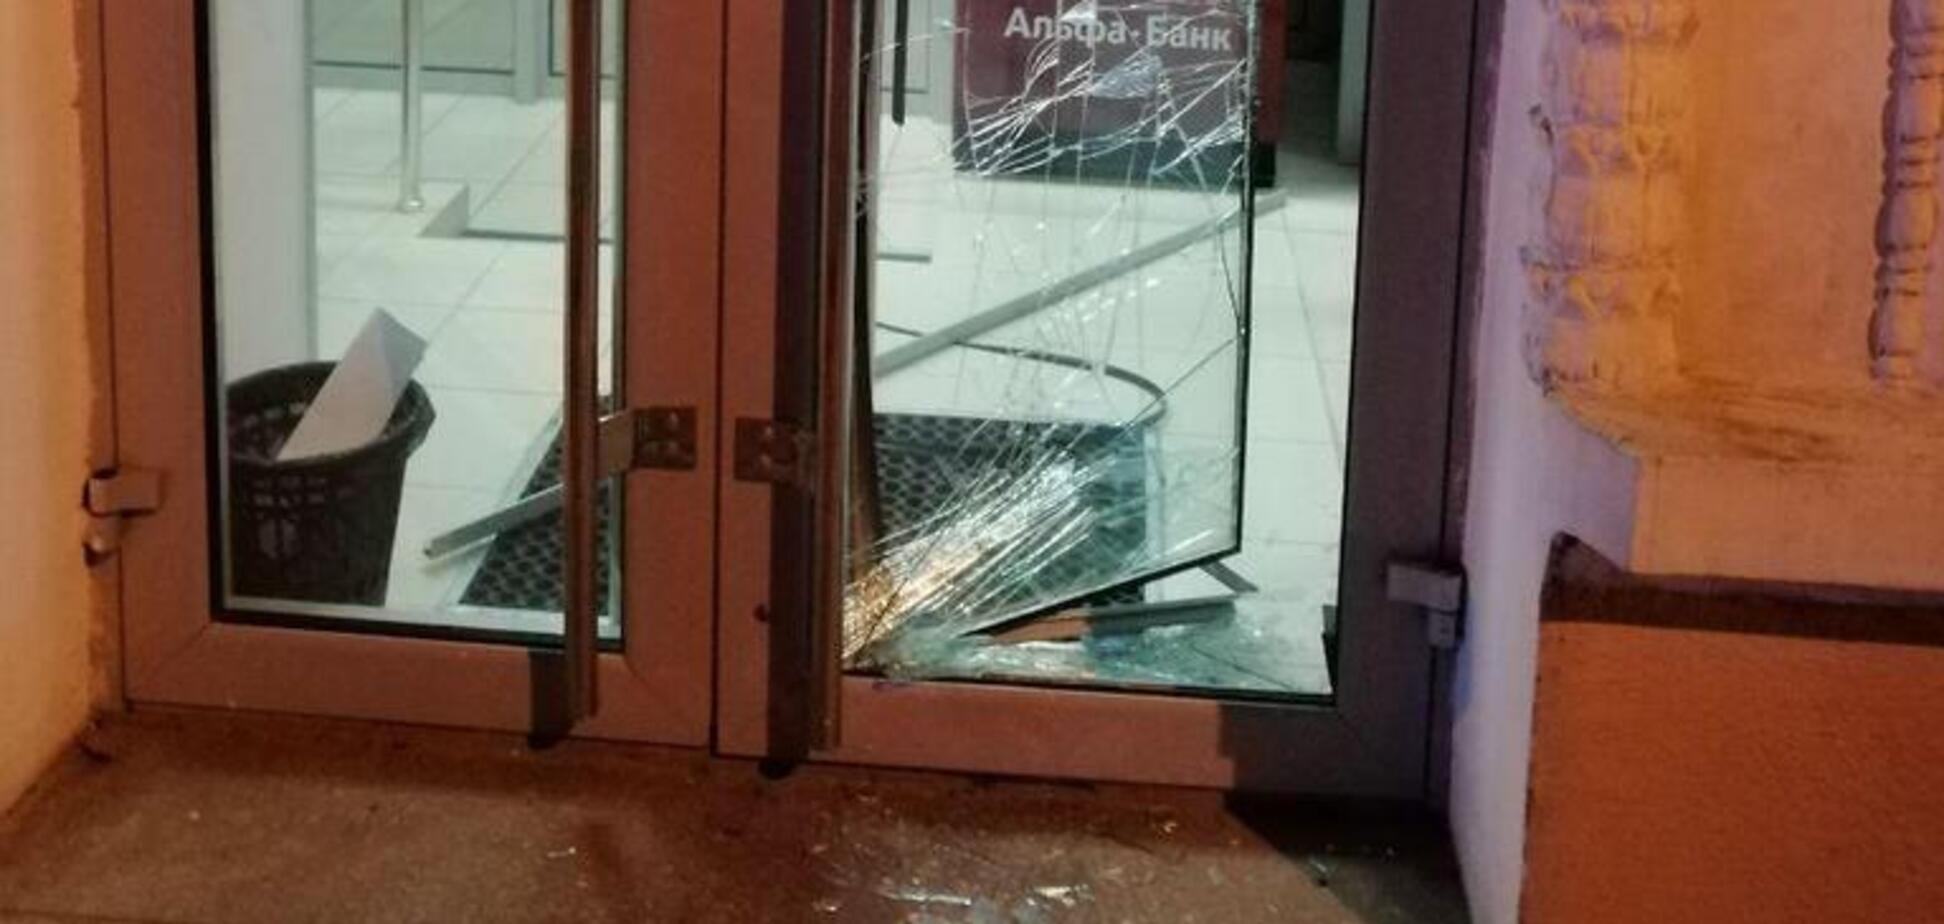 У Дніпрі невідомі спробували увірватися в банк: поліція шукає підозрюваного